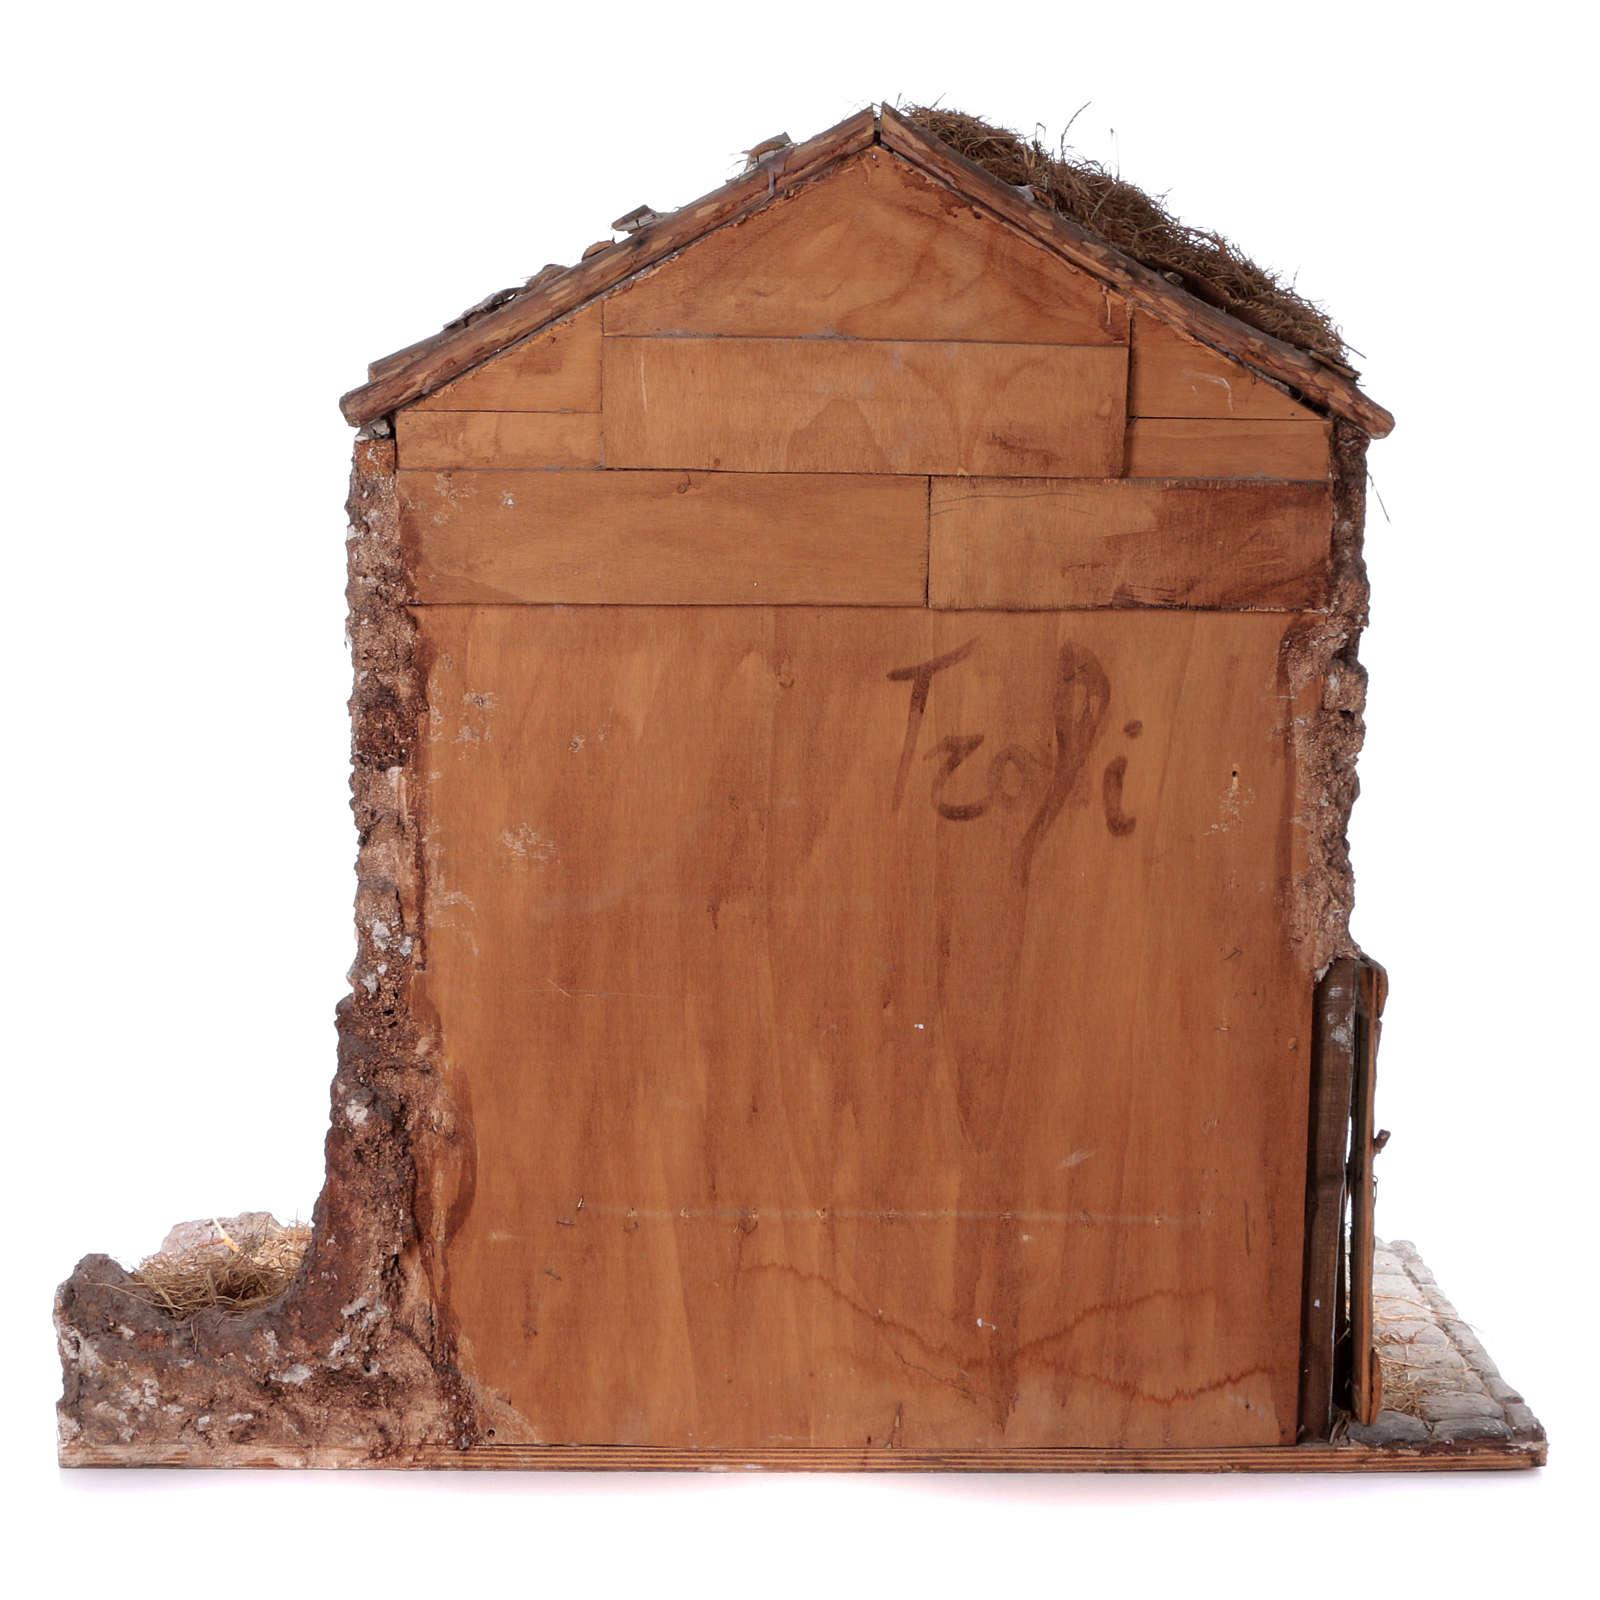 Estábulo em Madeira e Cortiça para Figuras de 30 cm, Ambientação Presépio Napolitano, 106x117x61 cm 4